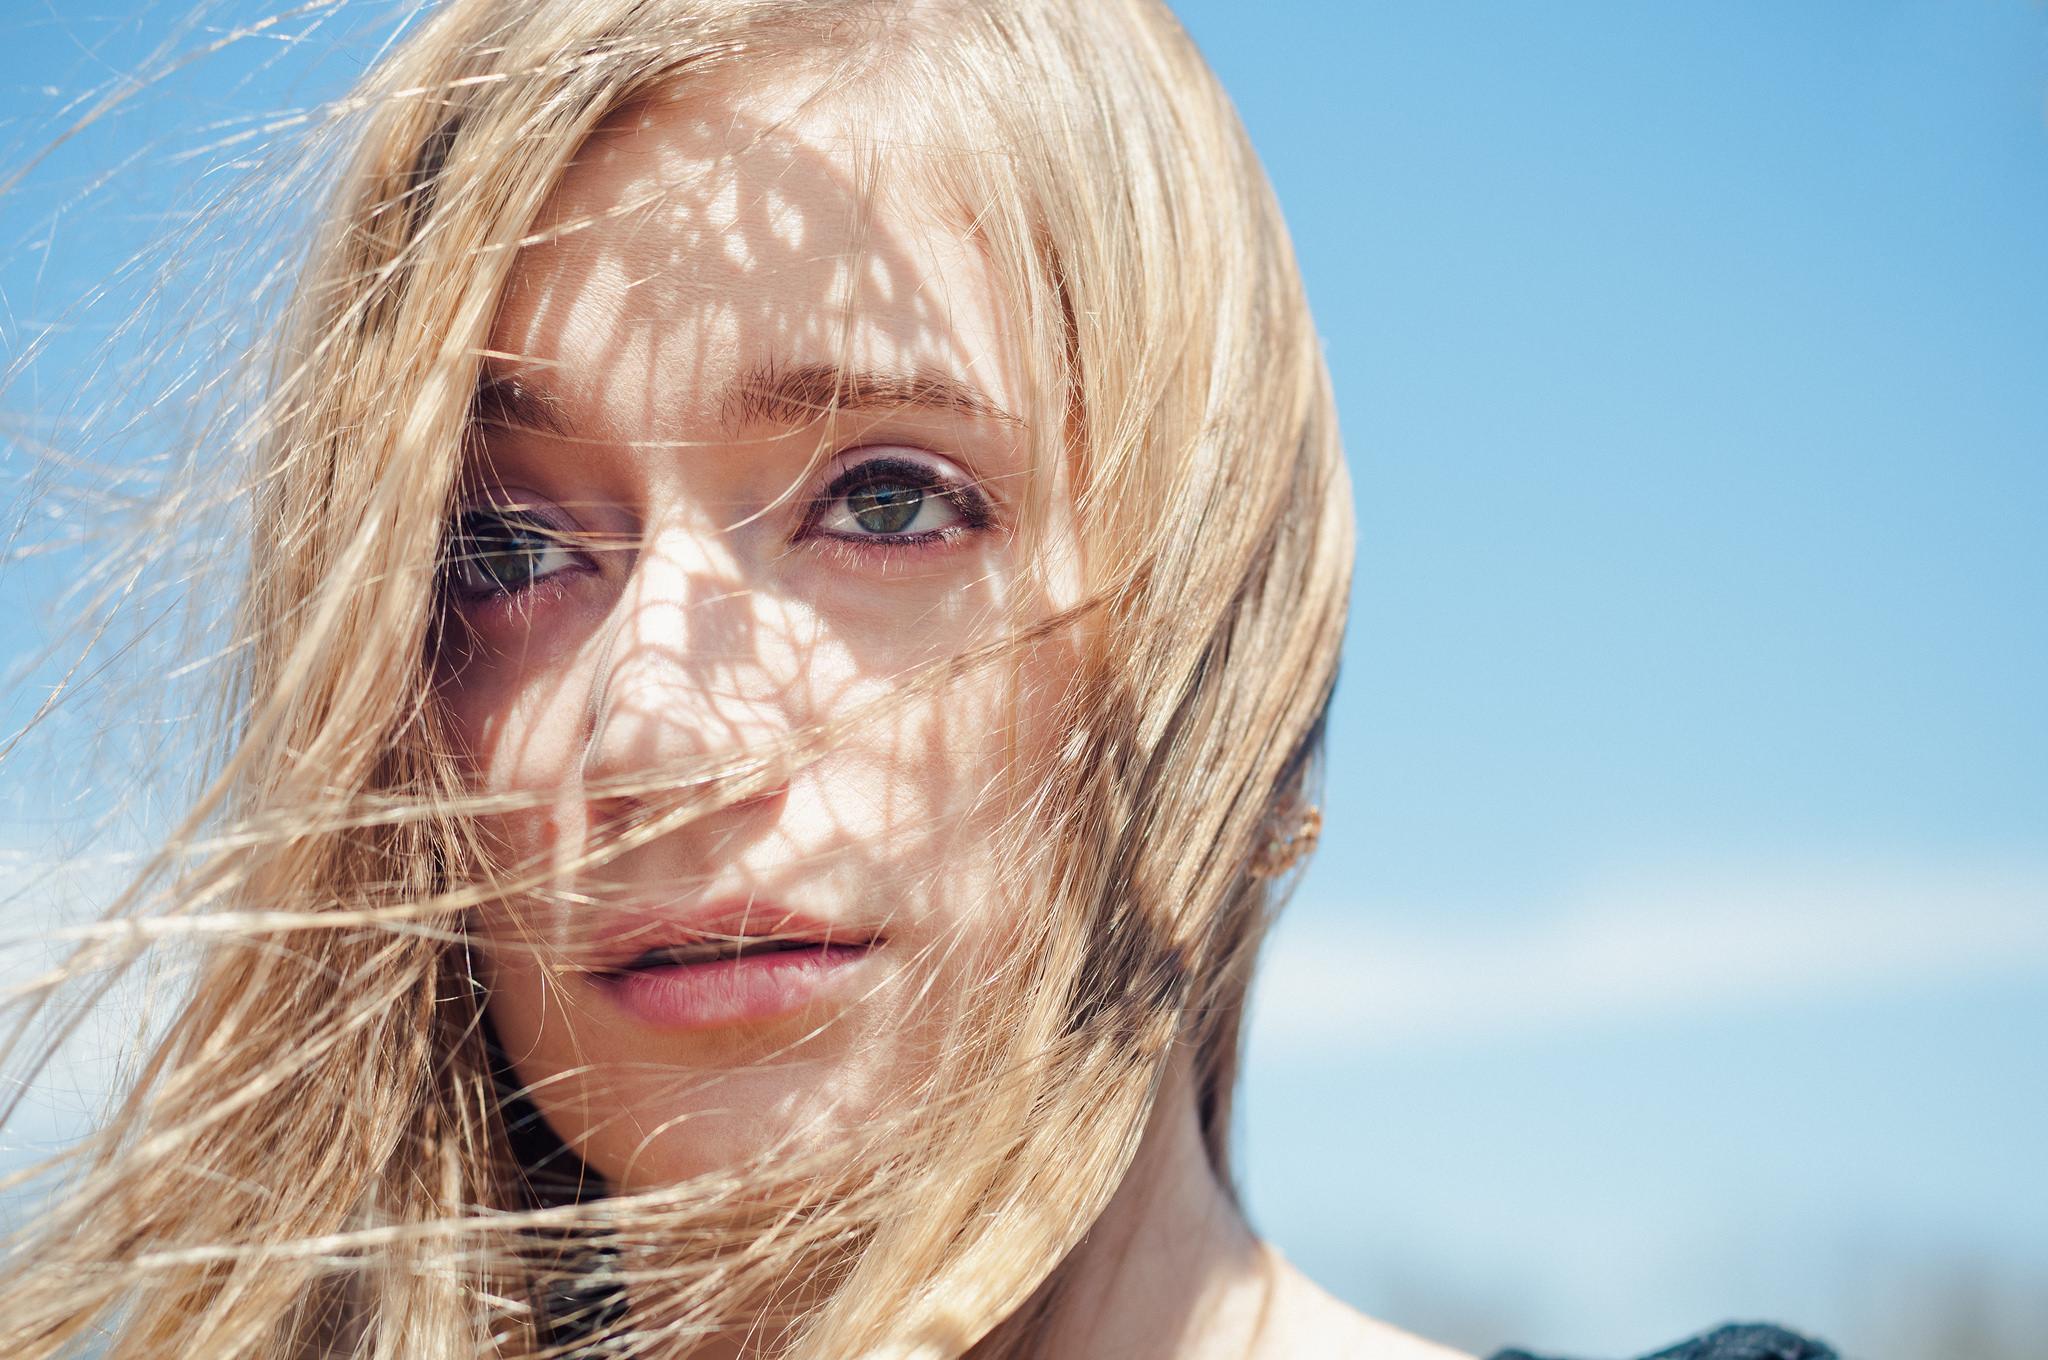 El rostro de una bella rubia - 2048x1360